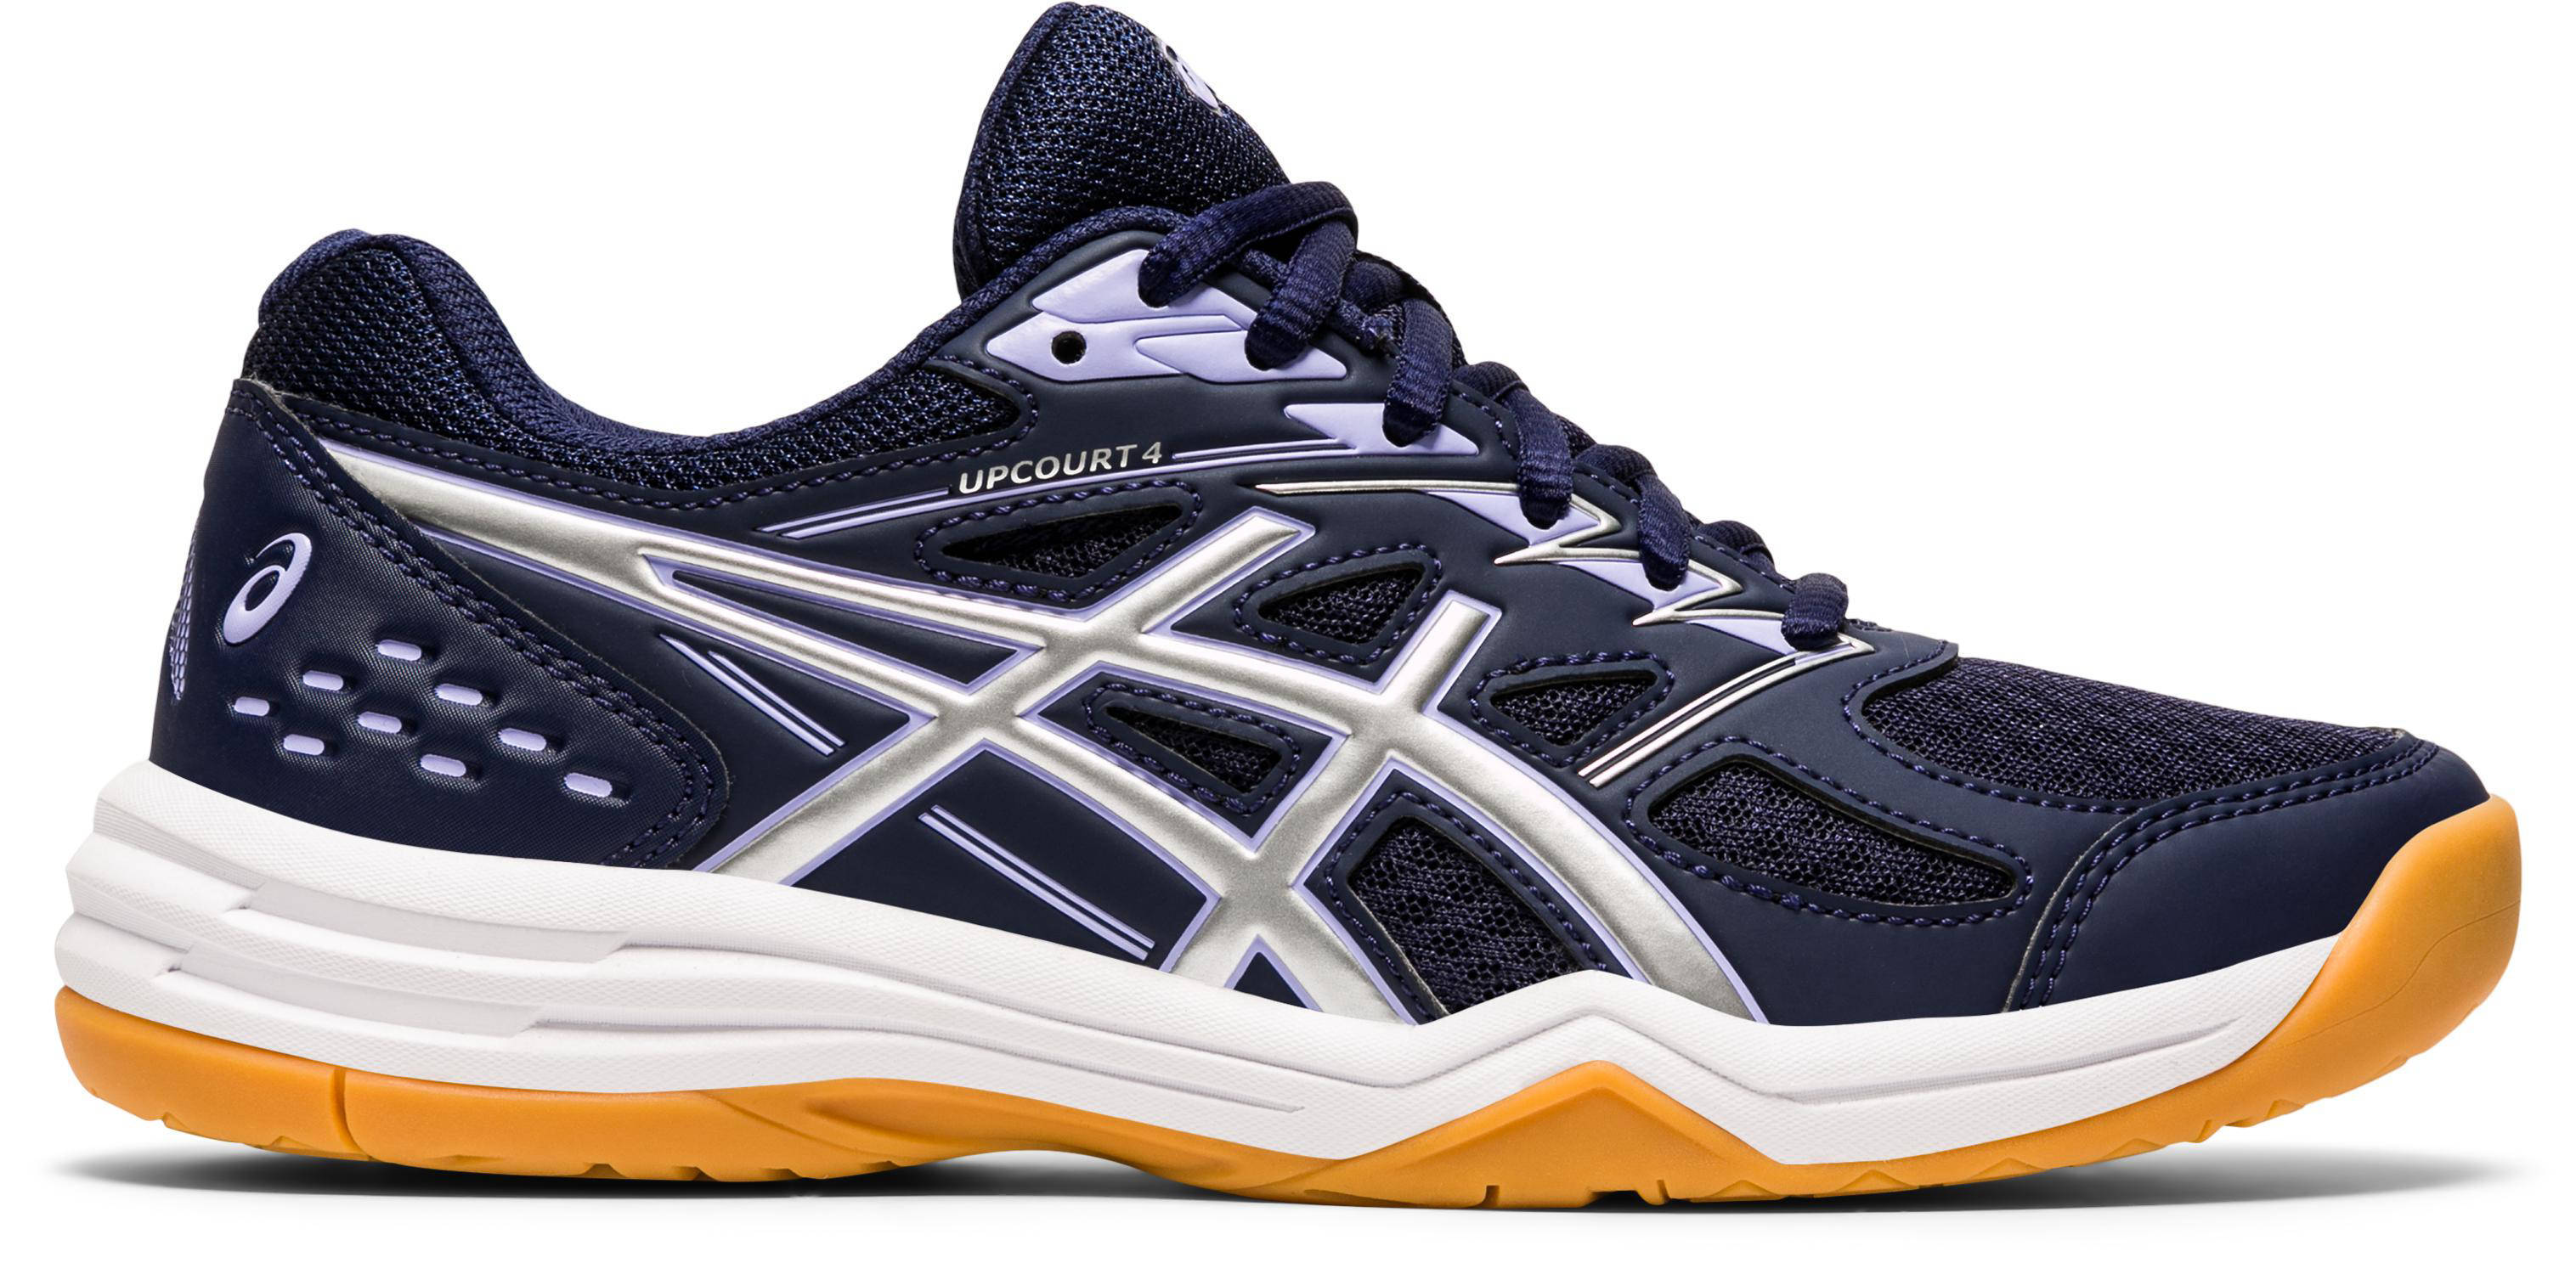 ASICS Schoenen voor badminton en indoor sporten dames Upcourt 4 marineblauw/lavendel online kopen